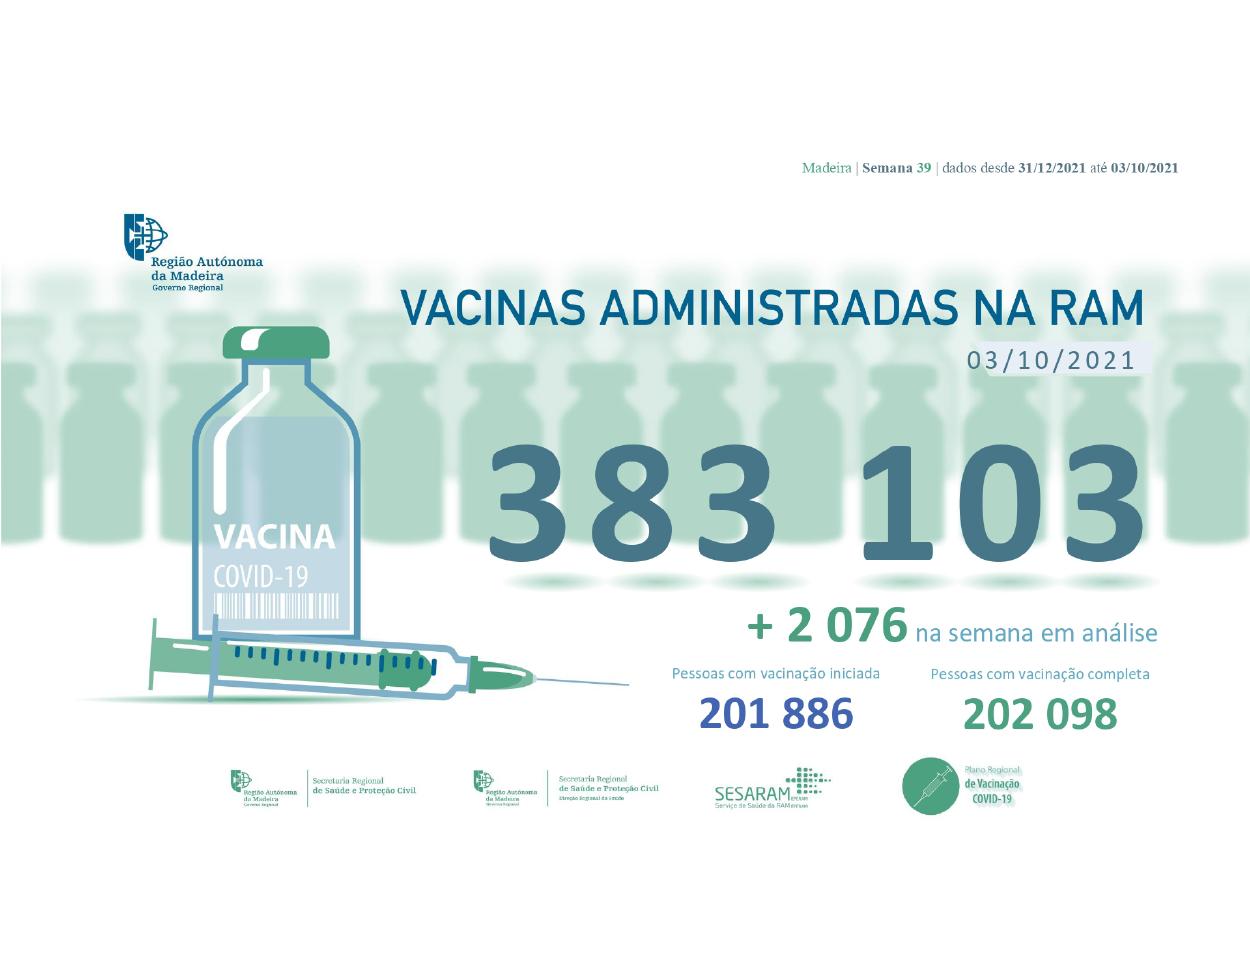 Administradas mais de 383 mil vacinas contra a COVID-19 na RAM